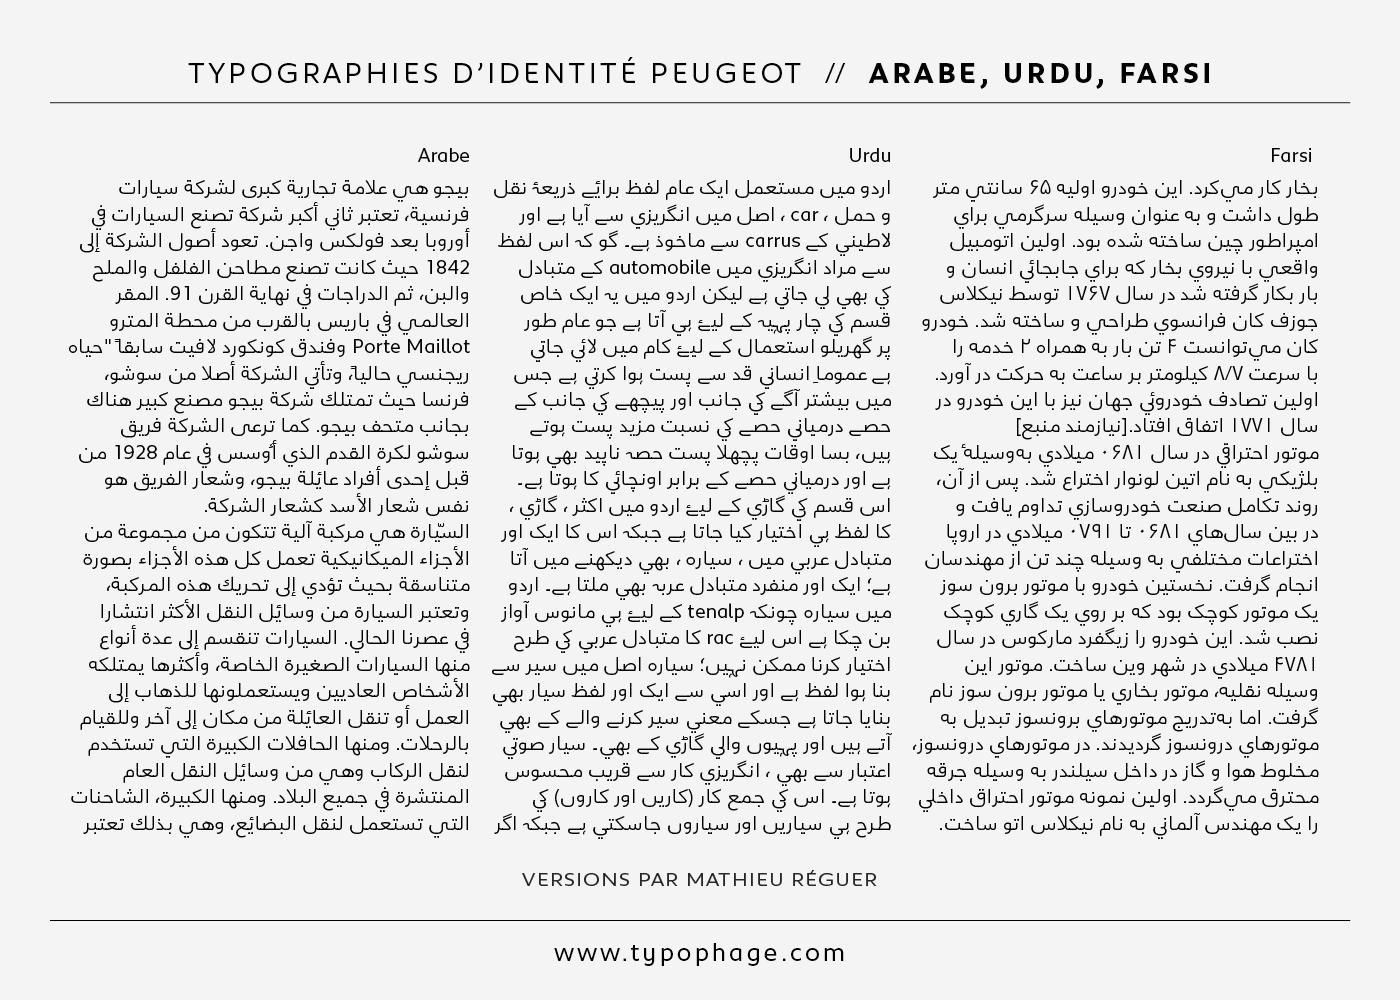 Typographies d'identité Peugeot. Spécimen de caractères typographiques, versions arabes.